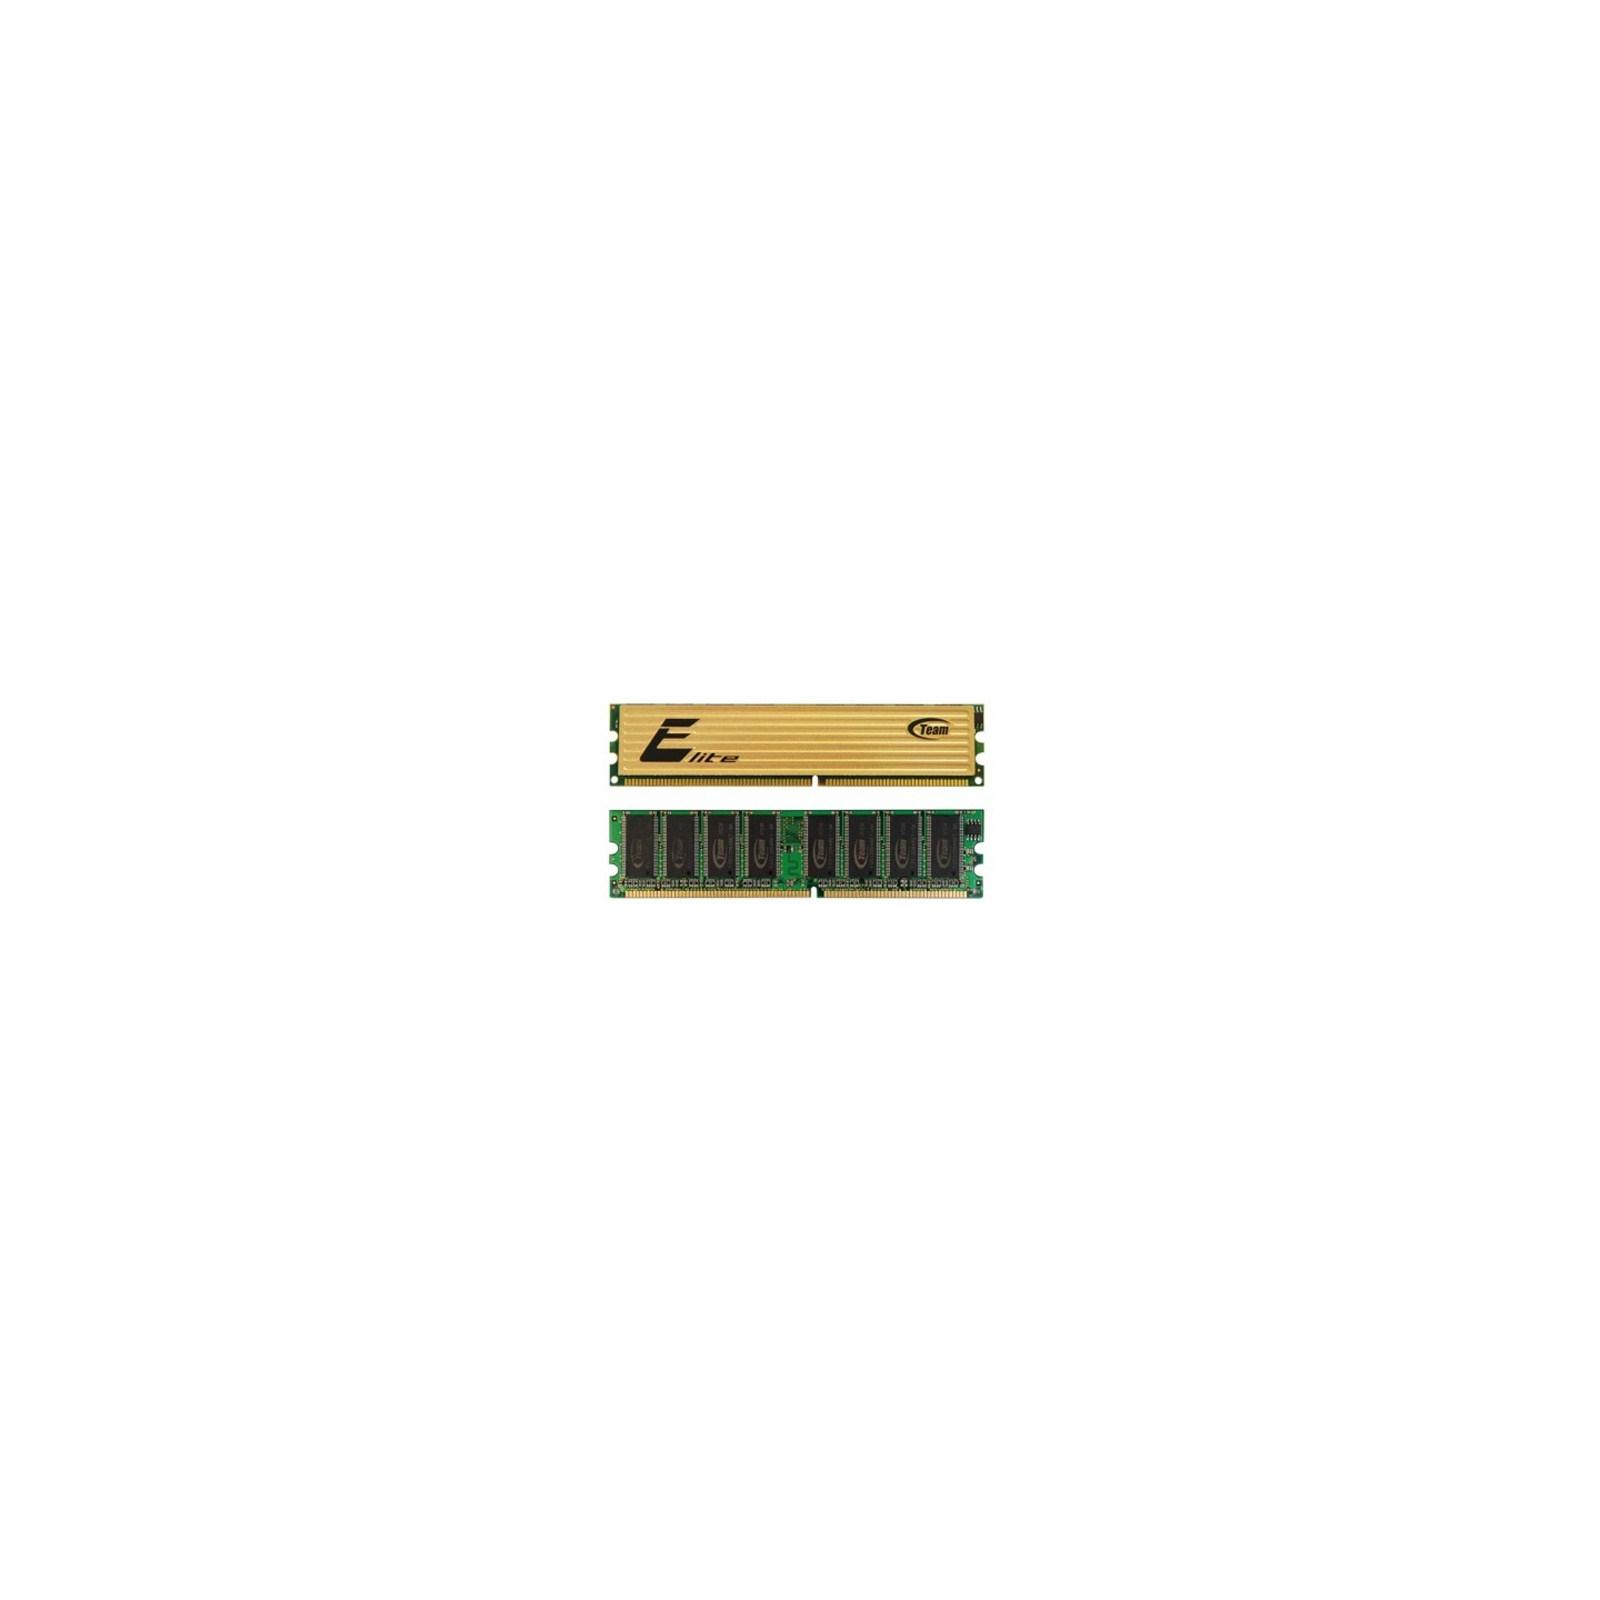 Модуль памяти для компьютера DDR SDRAM 1GB 400 MHz Team (TED11G400HC301)